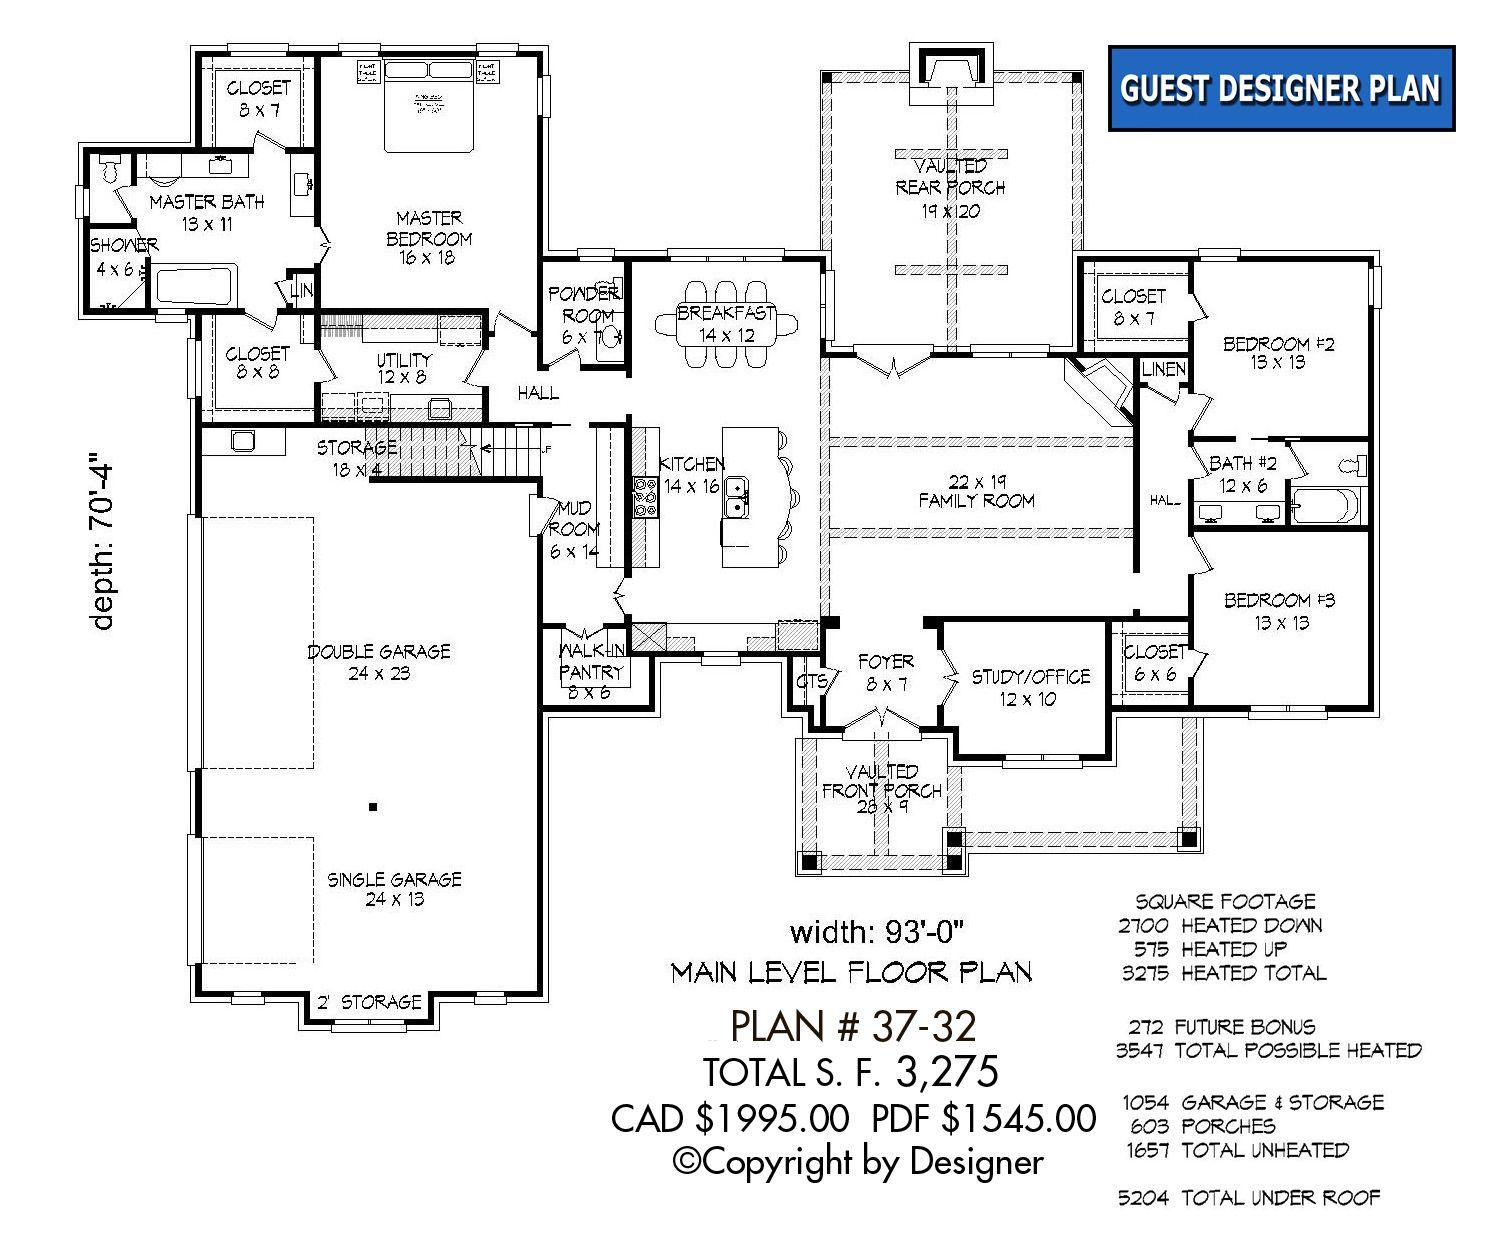 House Plan 37 32 Vtr Garrell Associates Inc Open Concept House Plans House Plans House Plans One Story